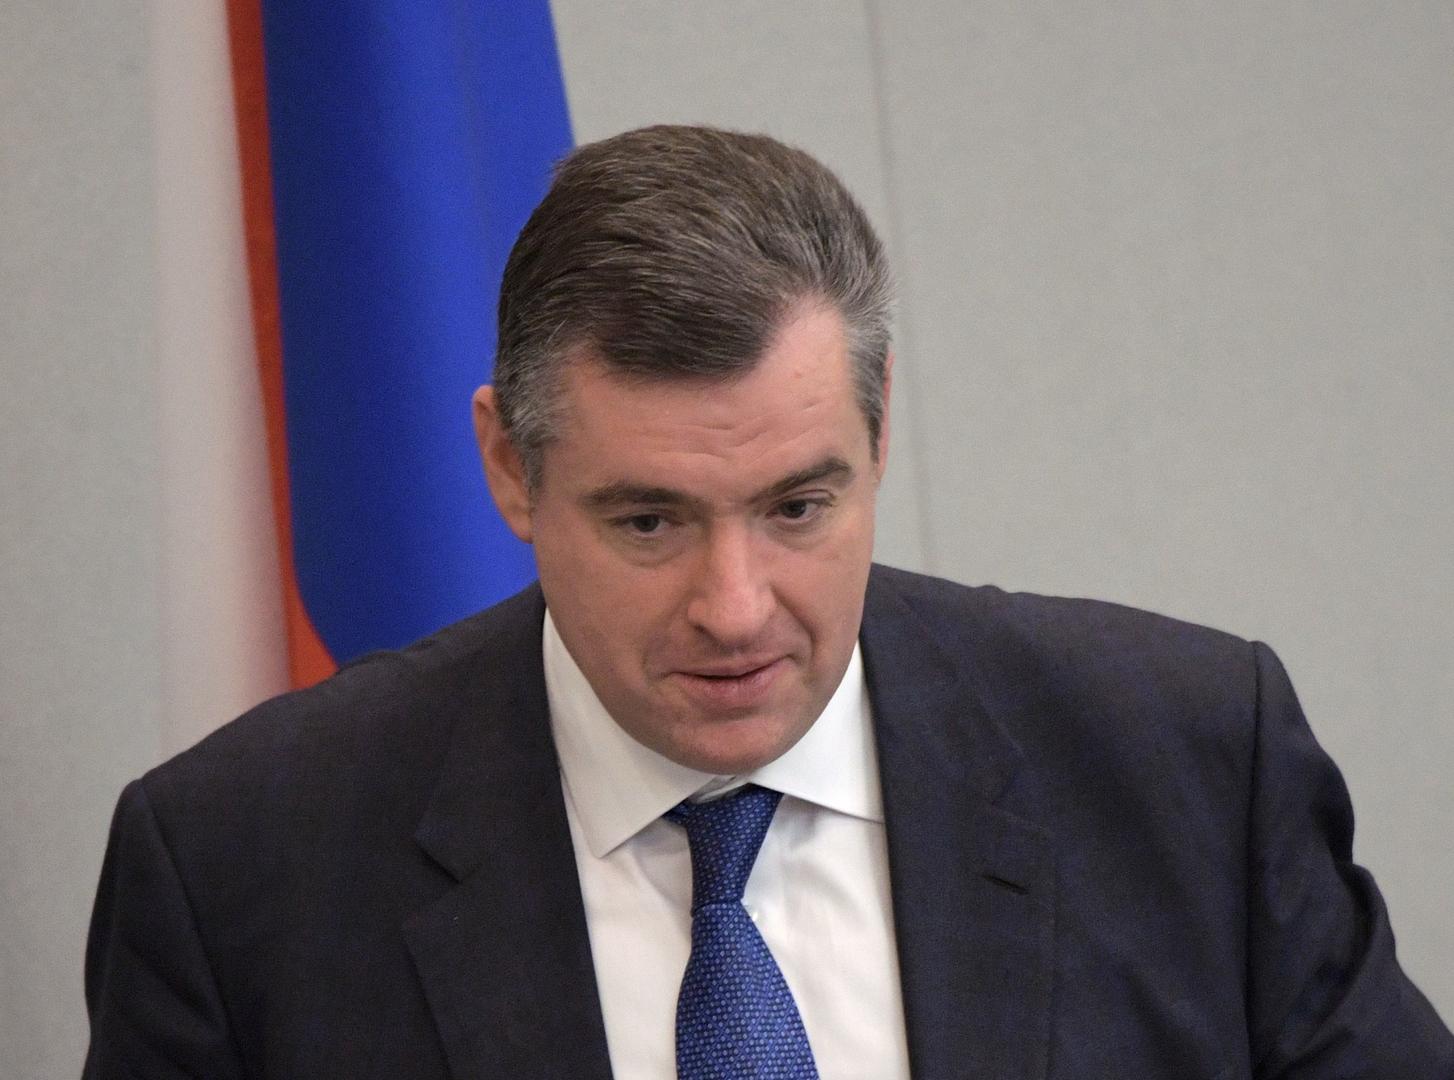 رئيس لجنة الشؤون الدولية في مجلس الدوما الروسي، ليونيد سلوتسكي